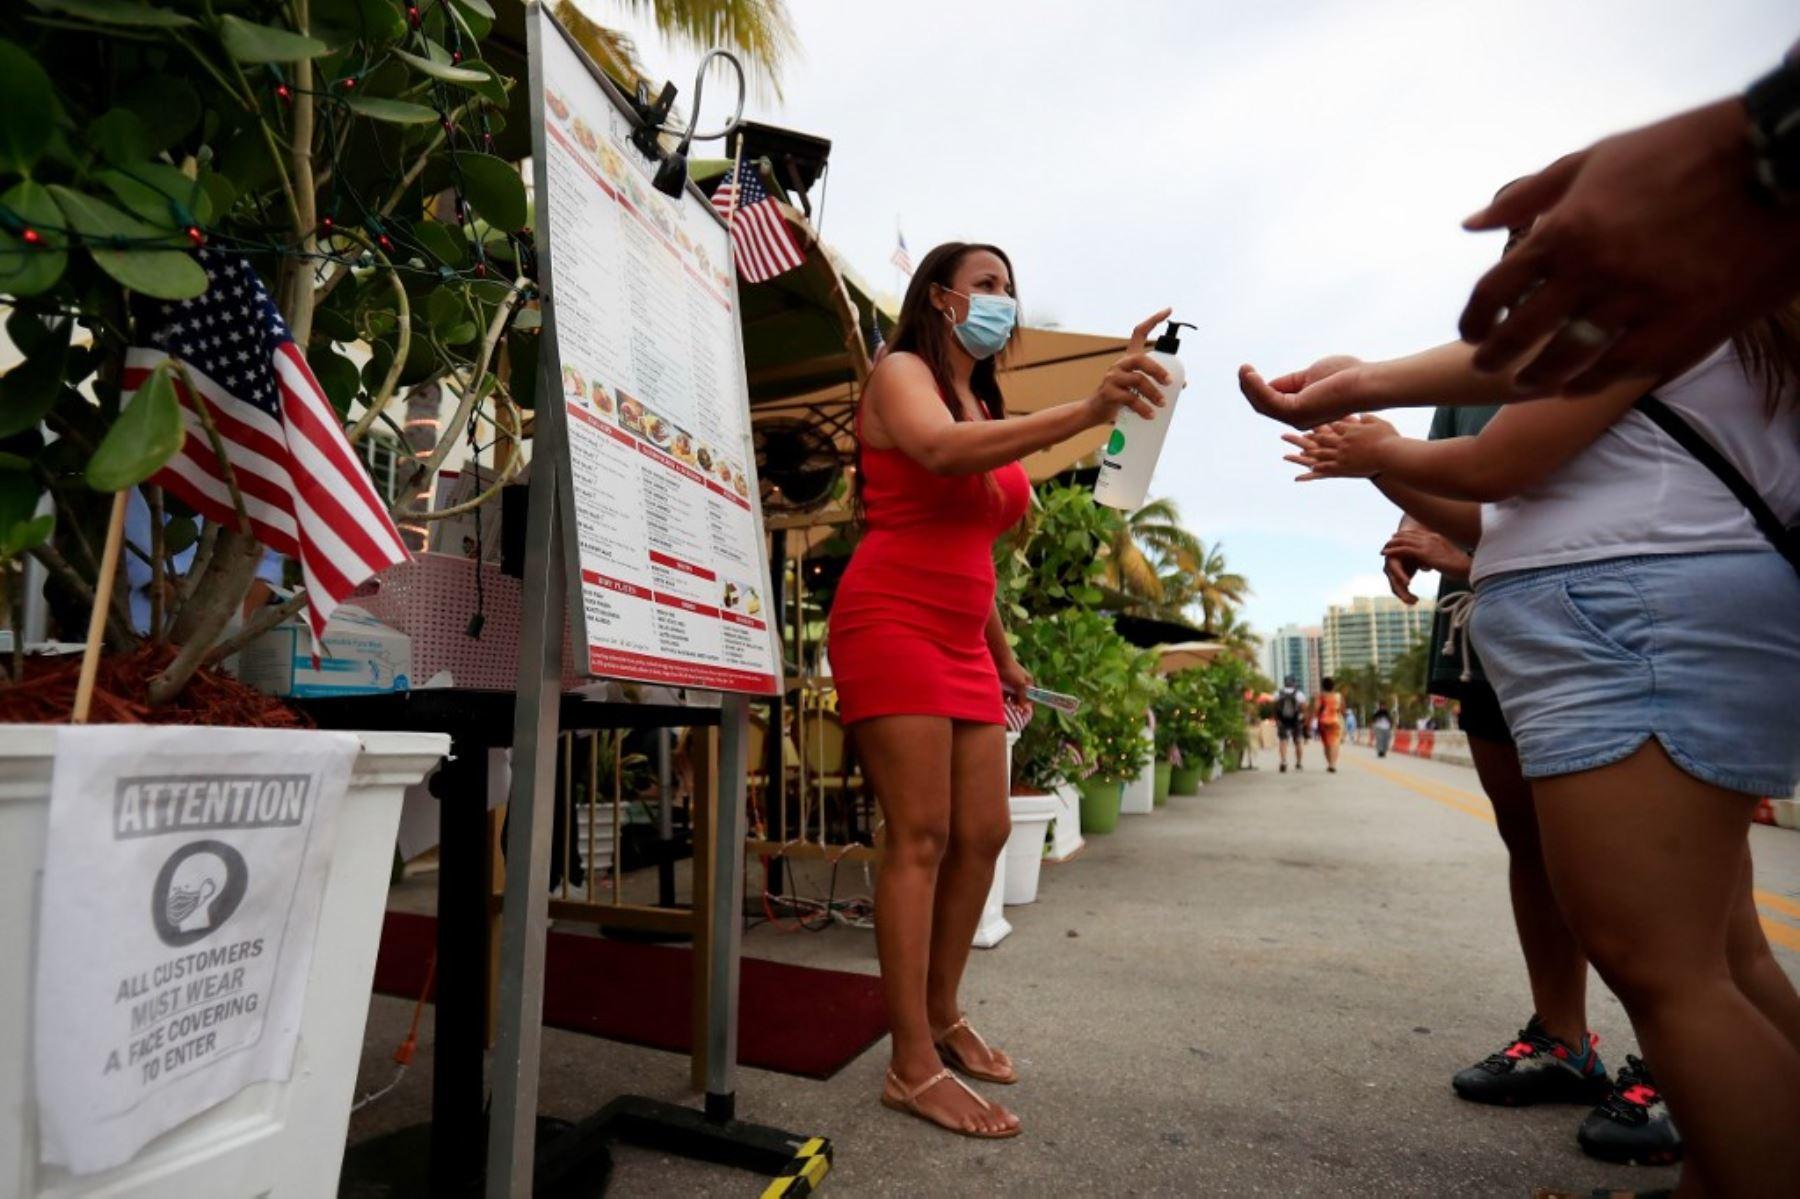 Una anfitriona proporciona desinfectante para manos a los clientes que ingresan a un restaurante en el vecindario de South Beach en Miami Beach, Florida. Foto: AFP